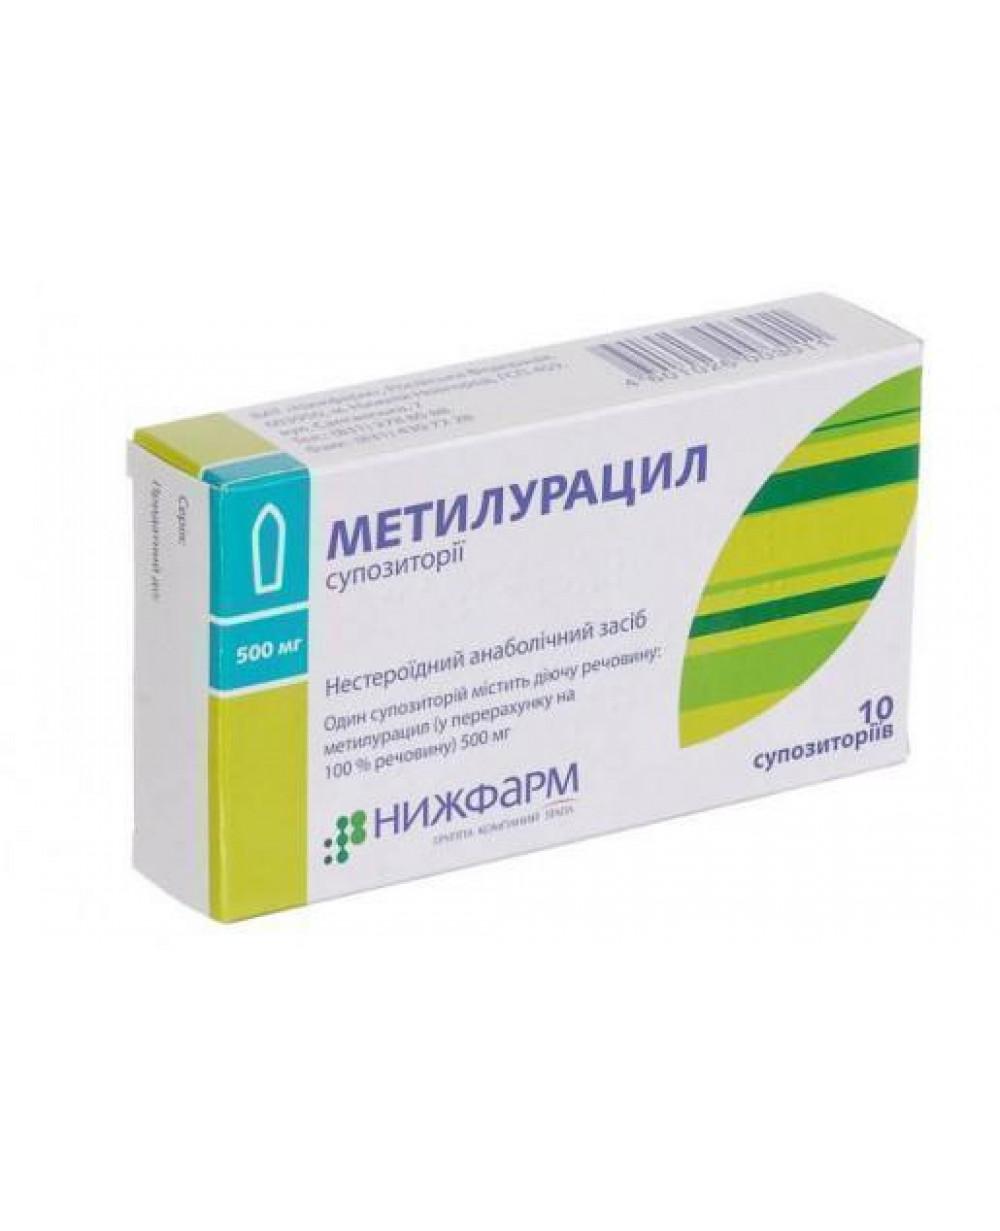 Применение метилурацила при геморрое